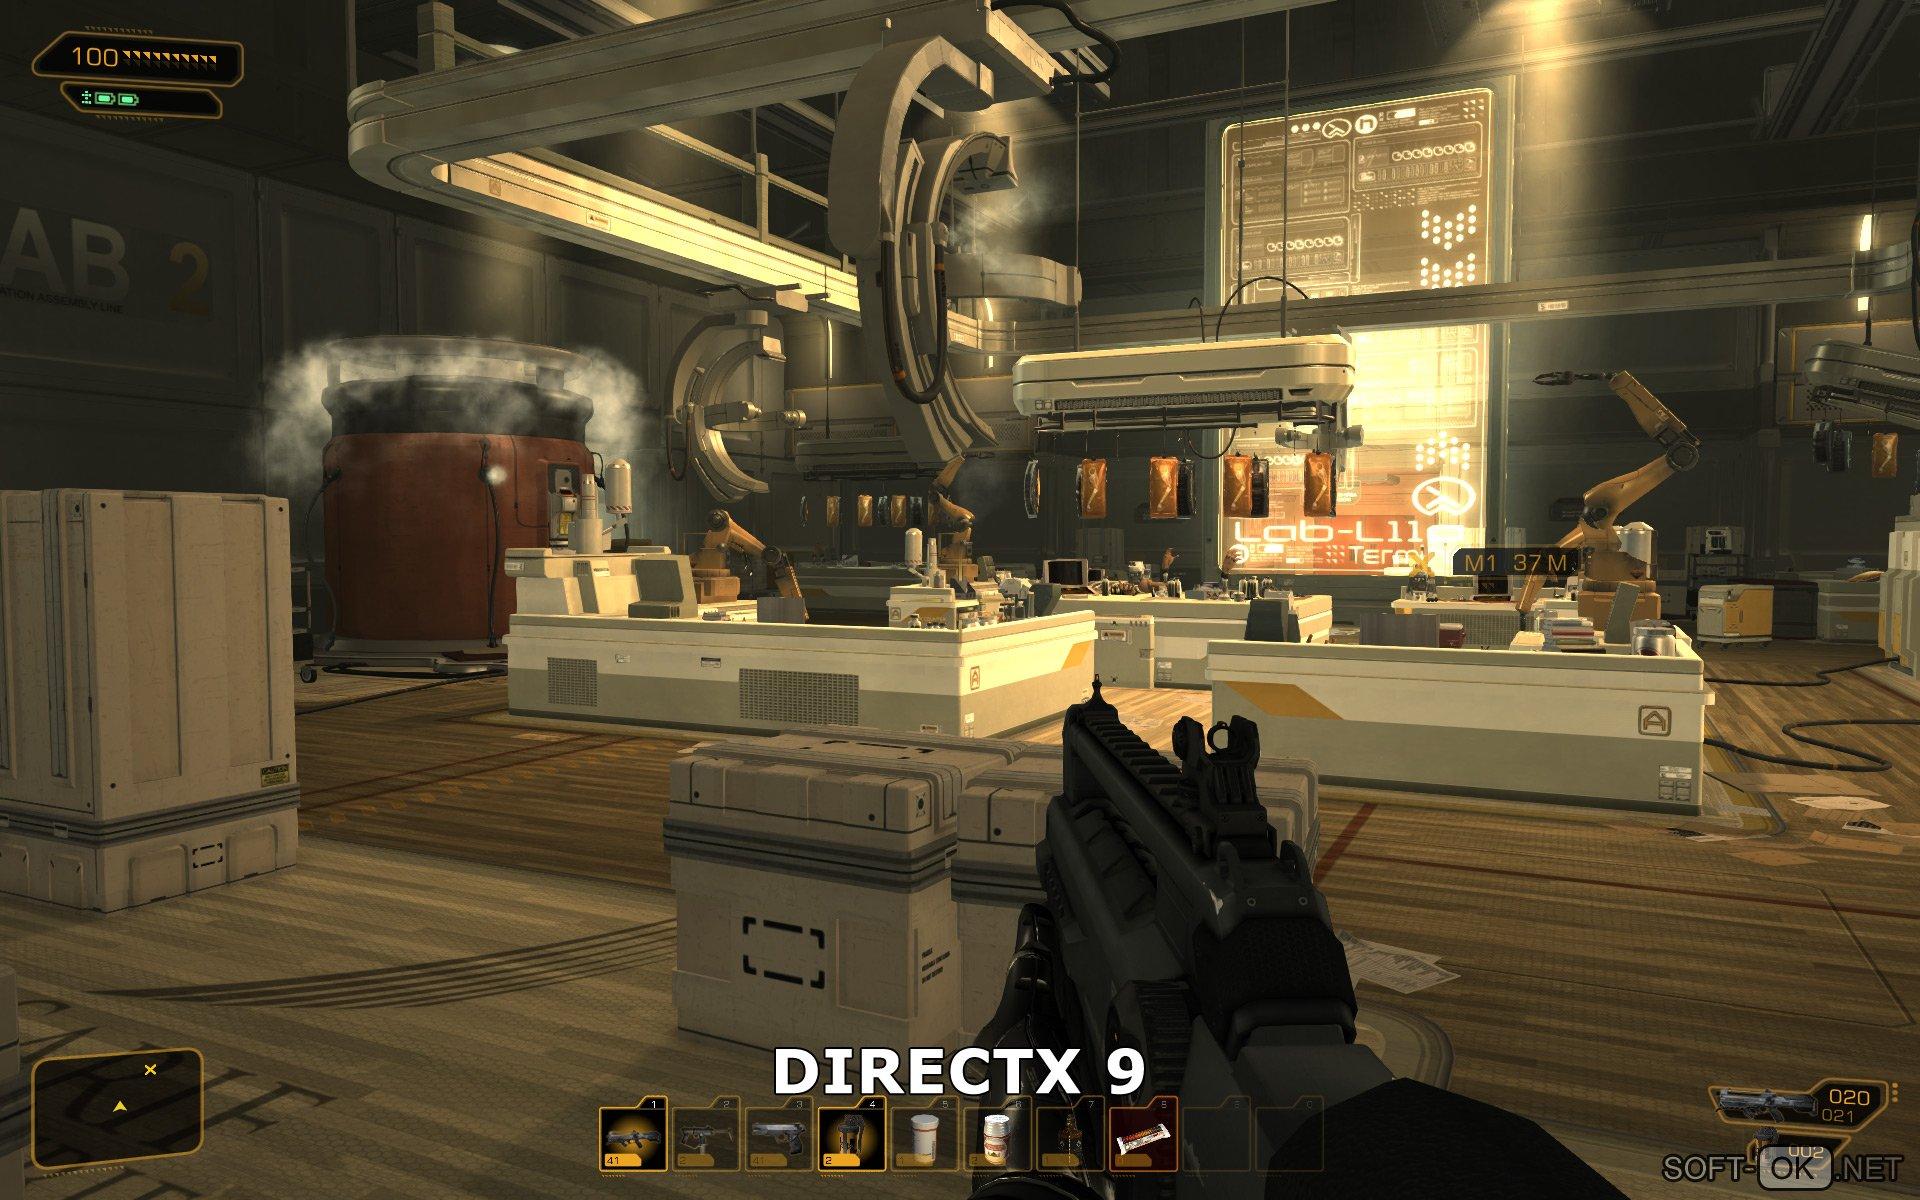 Игры на DirectX 9